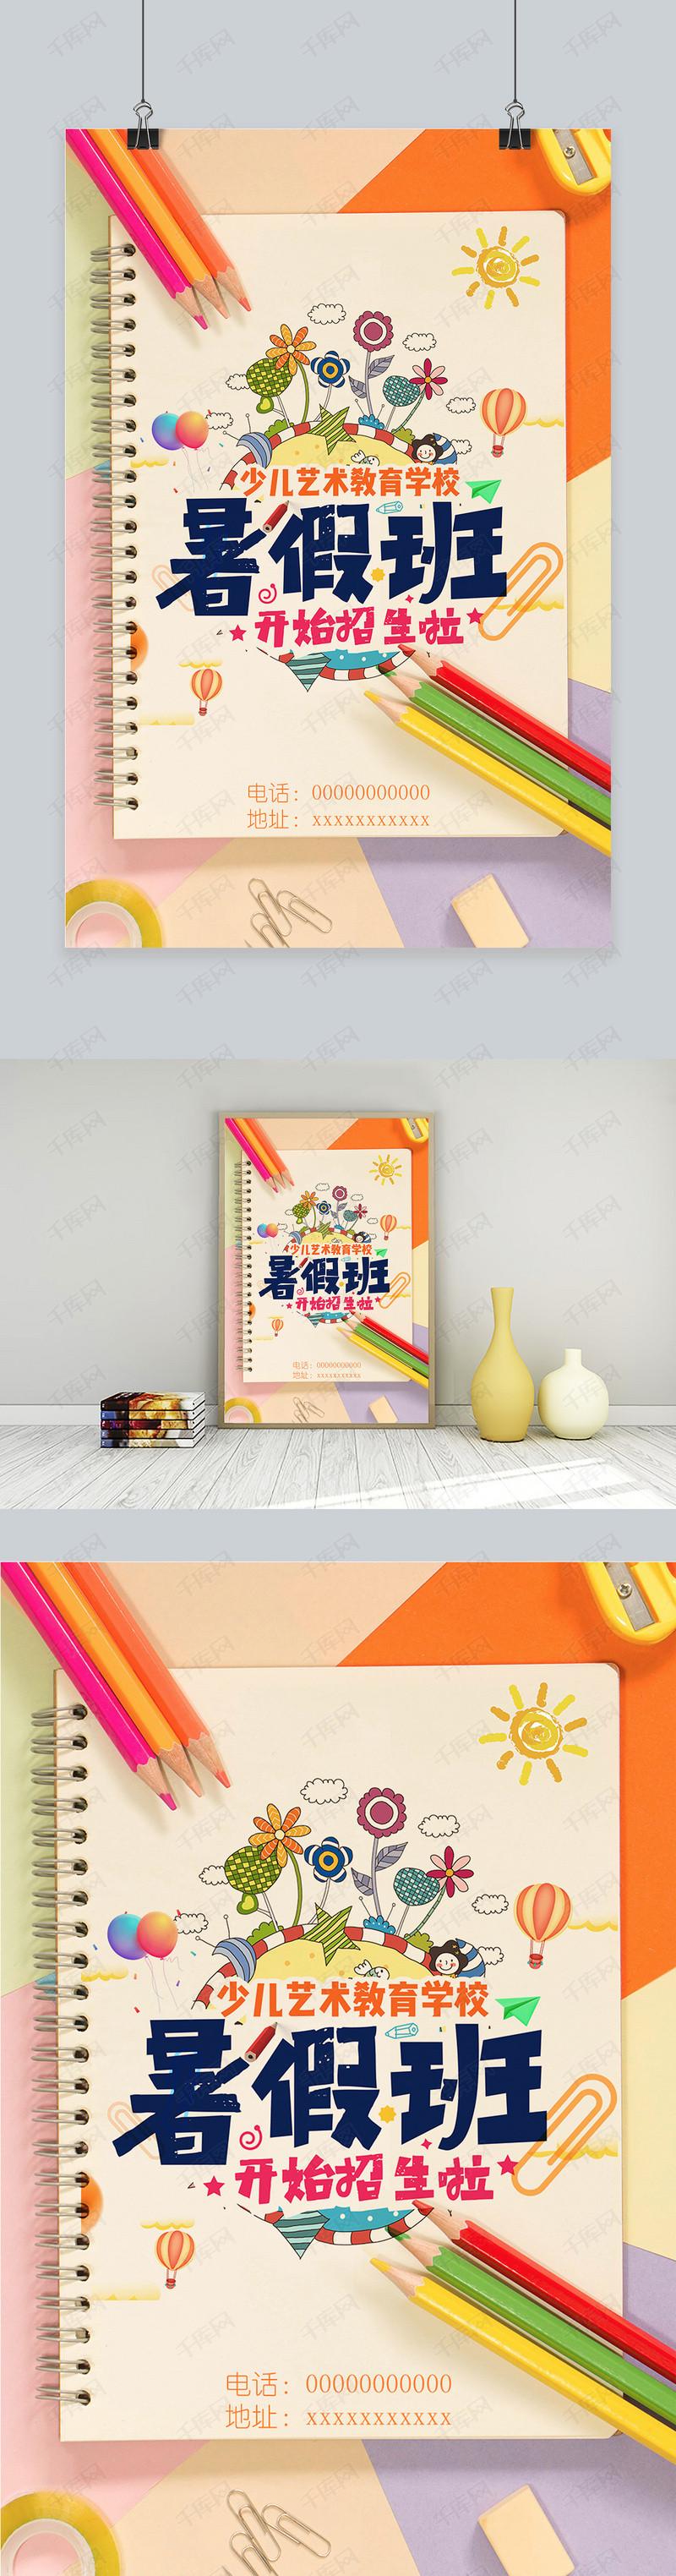 千库原创暑假班培训班初中培训高中生培训海报